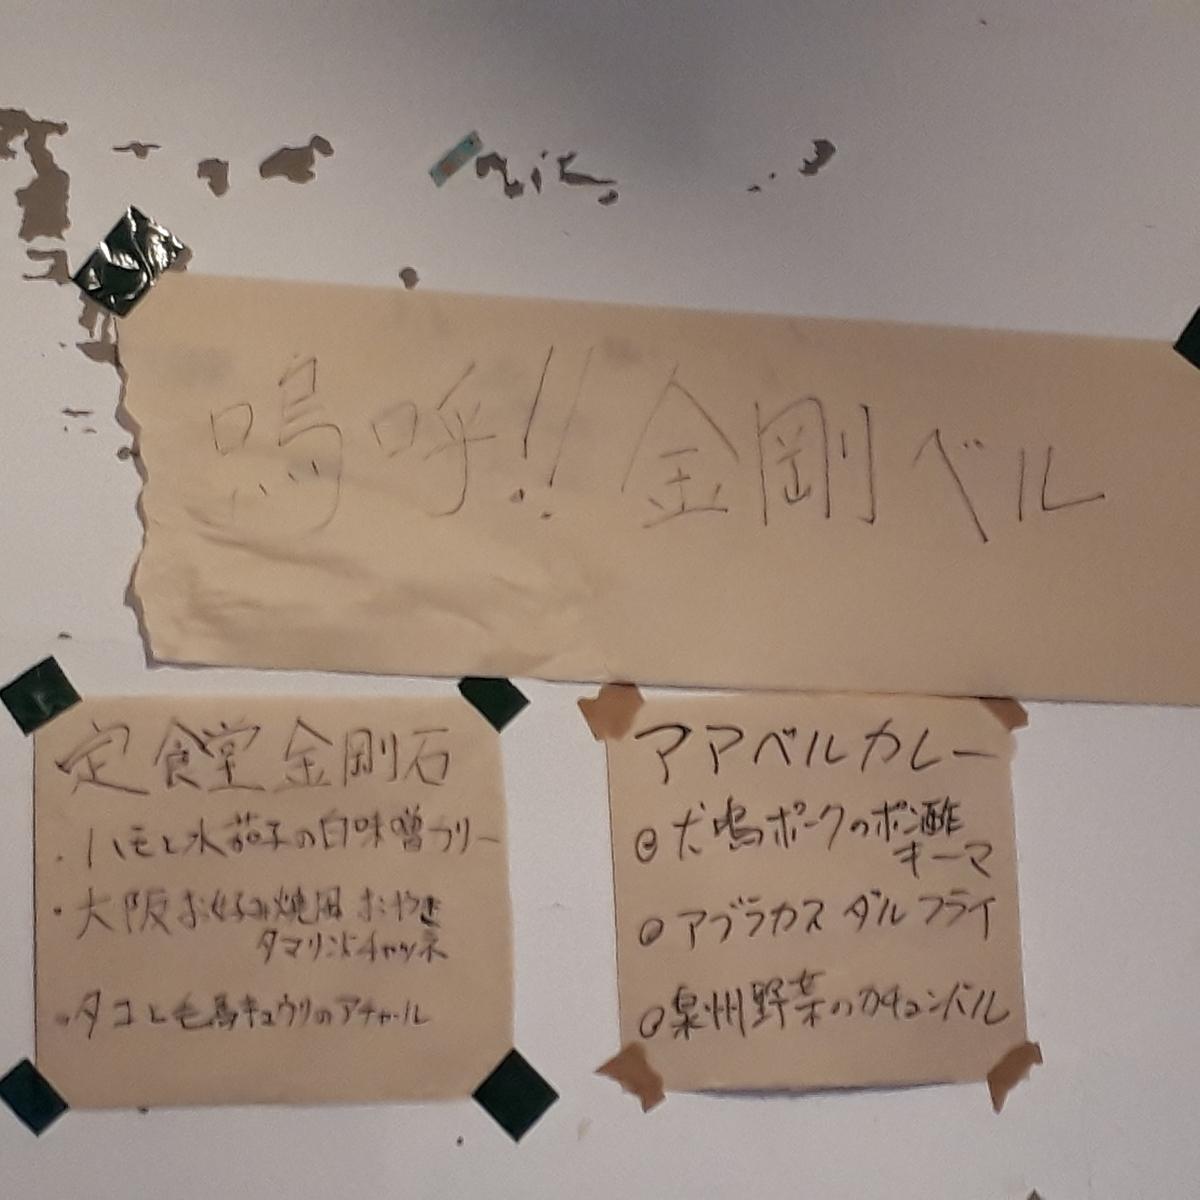 究極のカレー事情聴取2019 2019年6月29日 アアベルカレー&定食堂金剛石 THE大阪ターリー